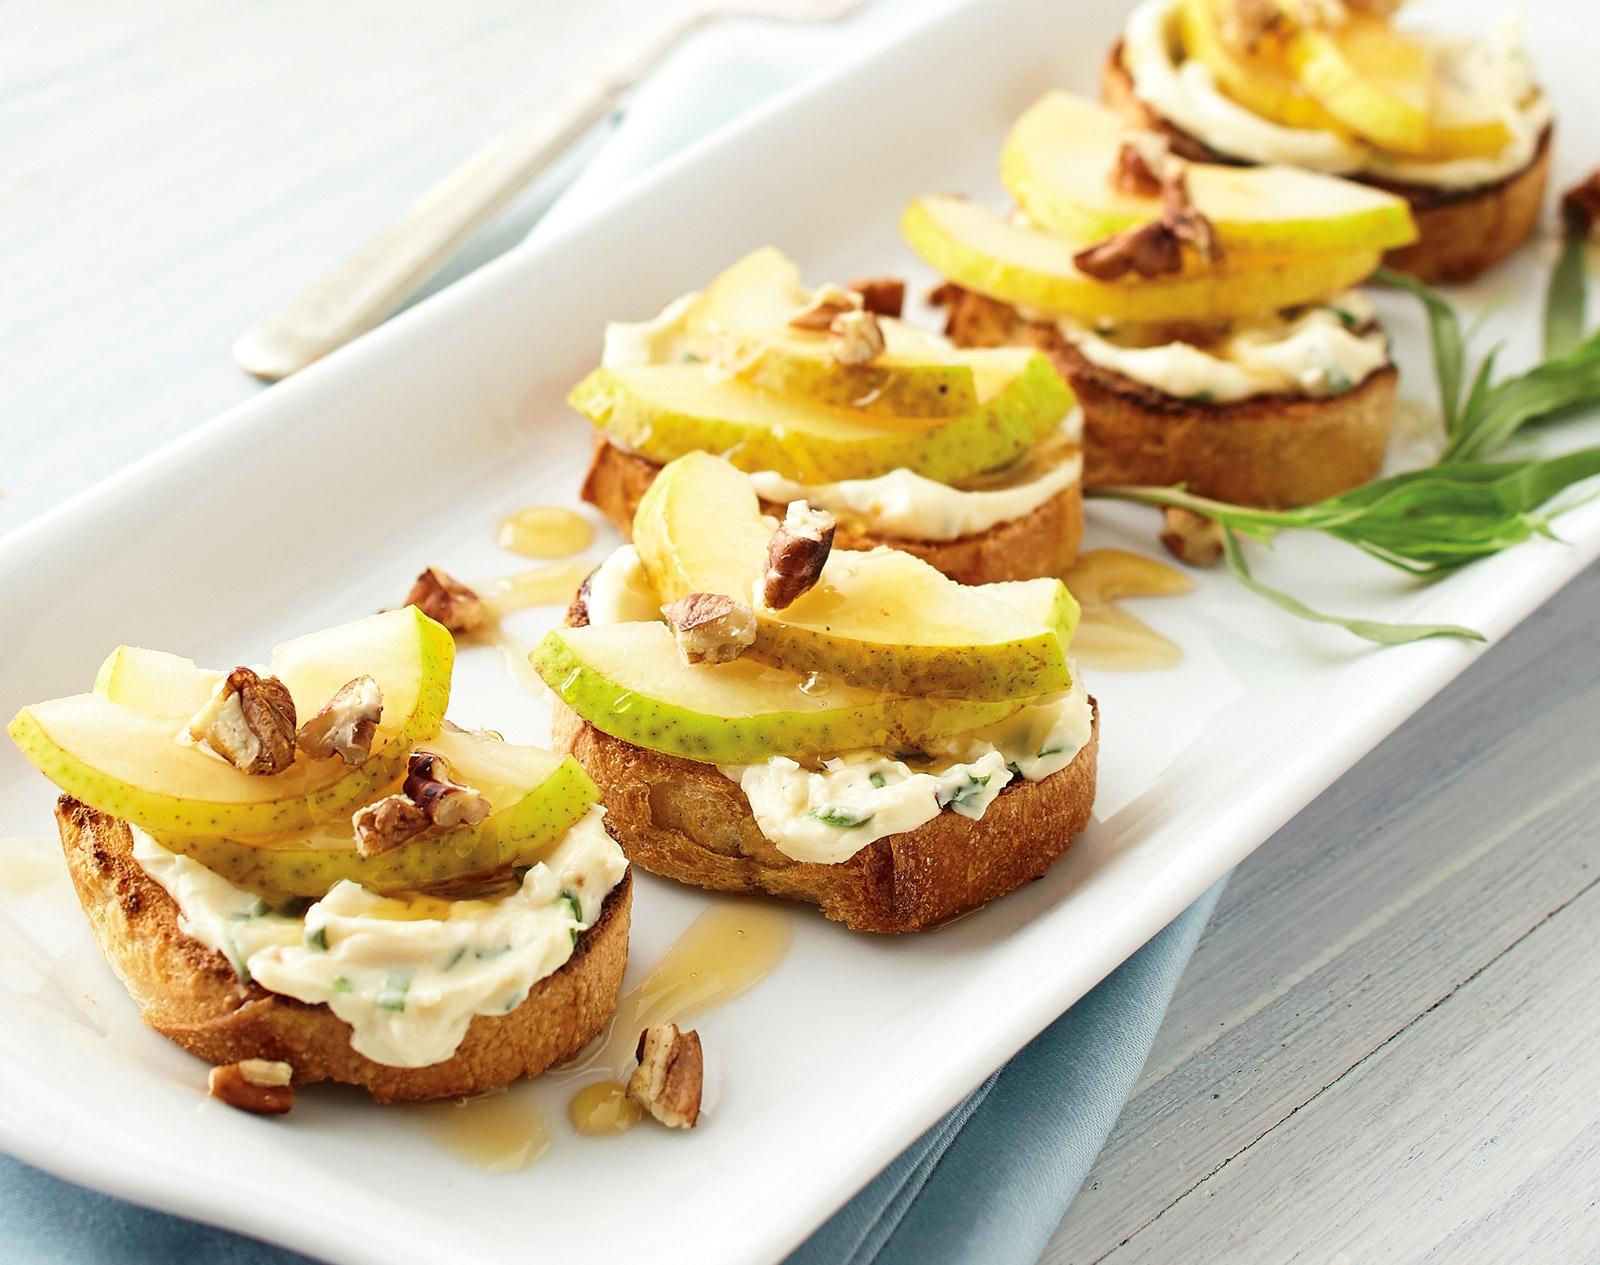 Brusketa me dardhë dhe arra